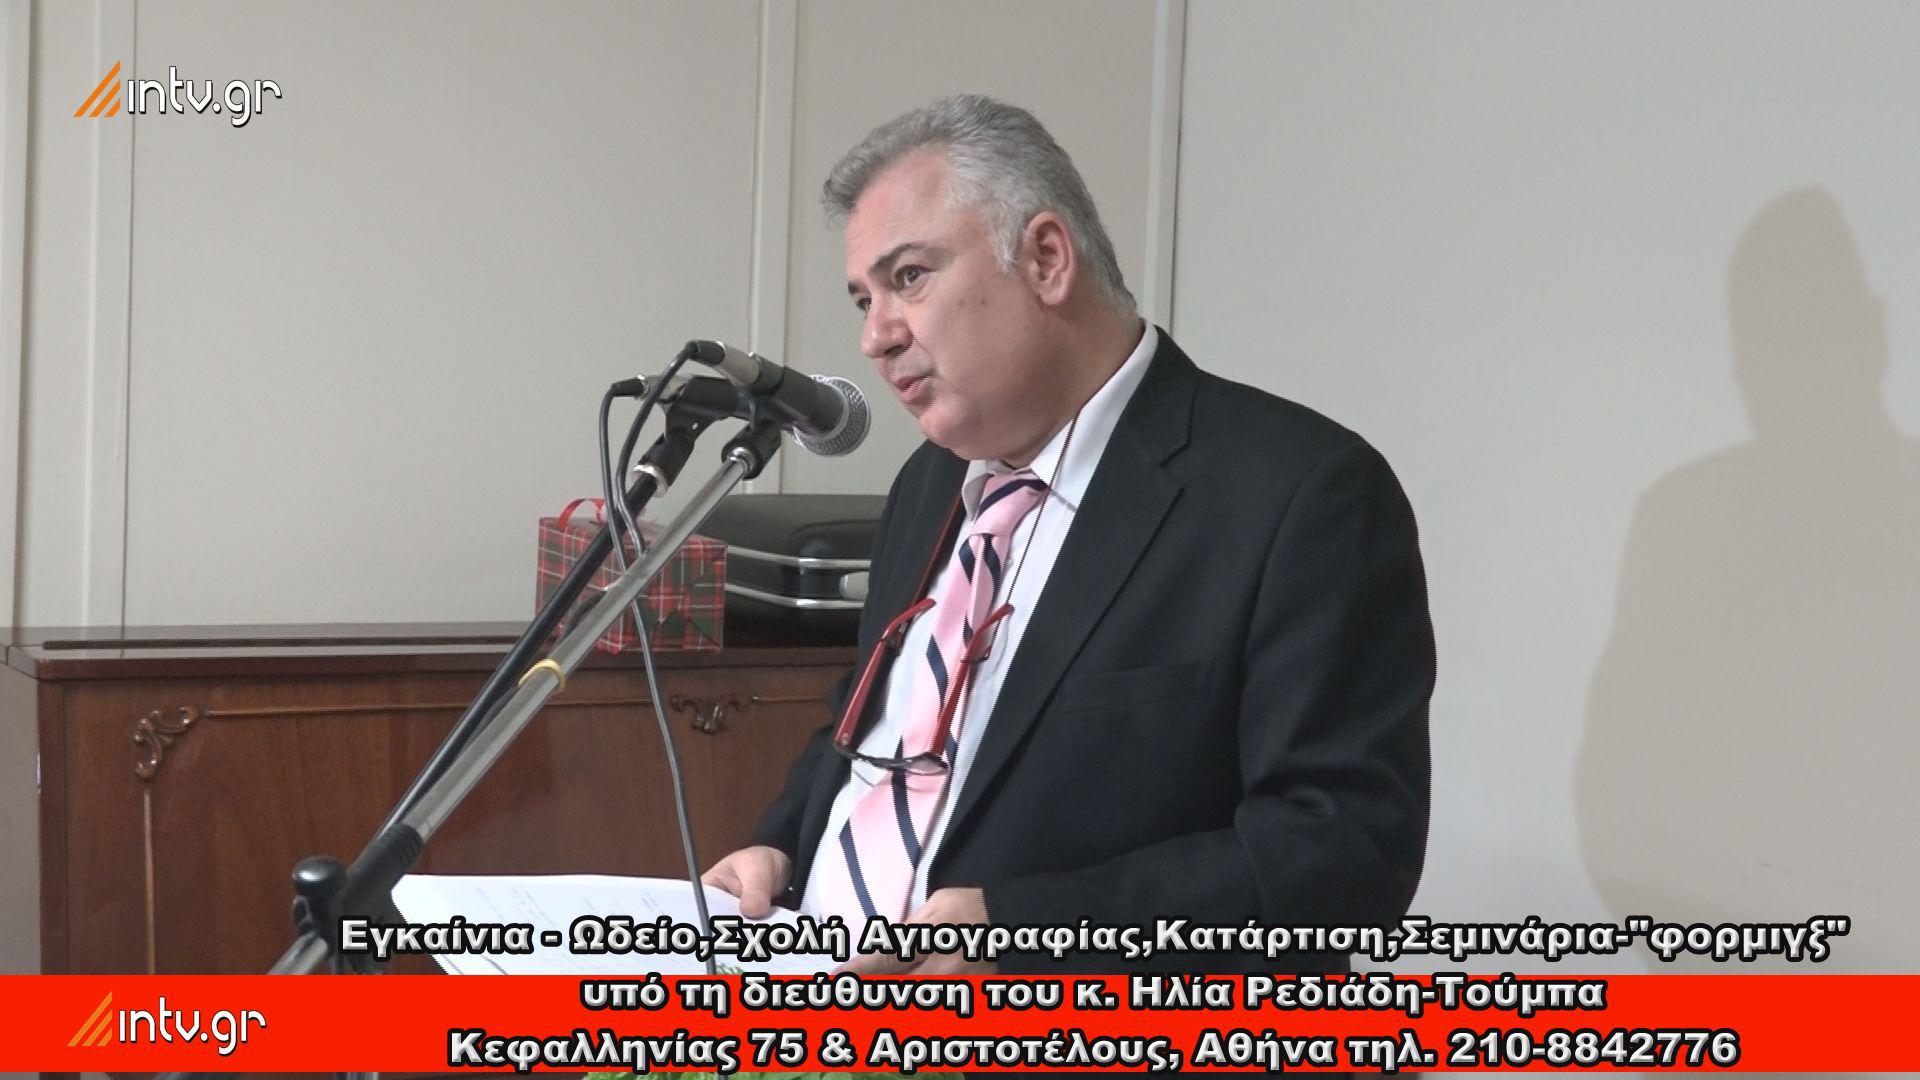 """Εγκαίνια - Ωδείο,Σχολή Αγιογραφίας,Κατάρτιση,Σεμινάρια-""""φορμιγξ"""" υπό τη διεύθυνση του κ. Ηλία Ρεδιάδη-Τούμπα"""